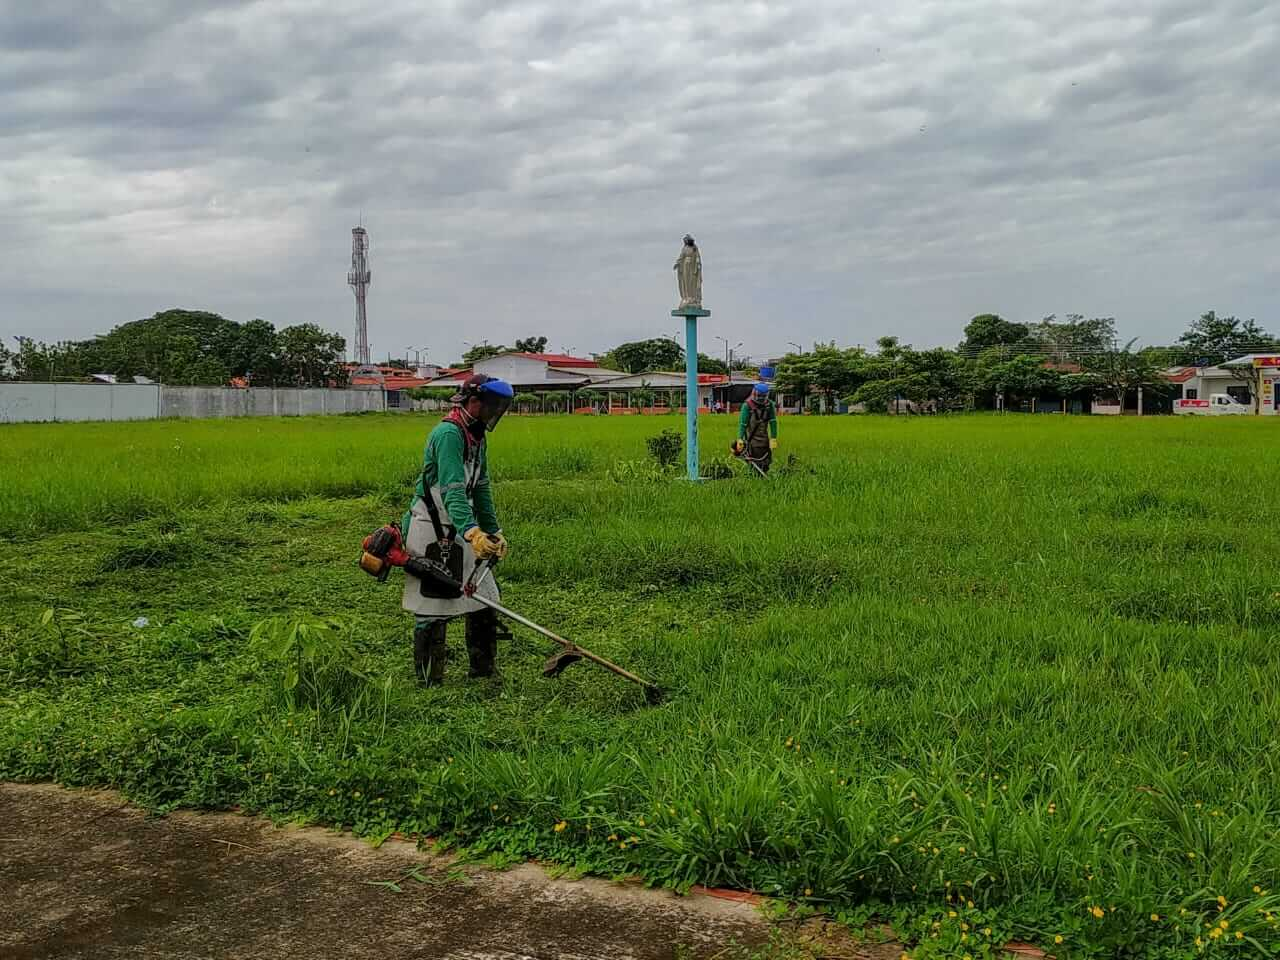 La empresa de aseo de Arauca EMAAR, participó de una jornada de ornato y limpieza del parque de la Juventud en el barrio Meridiano 70.